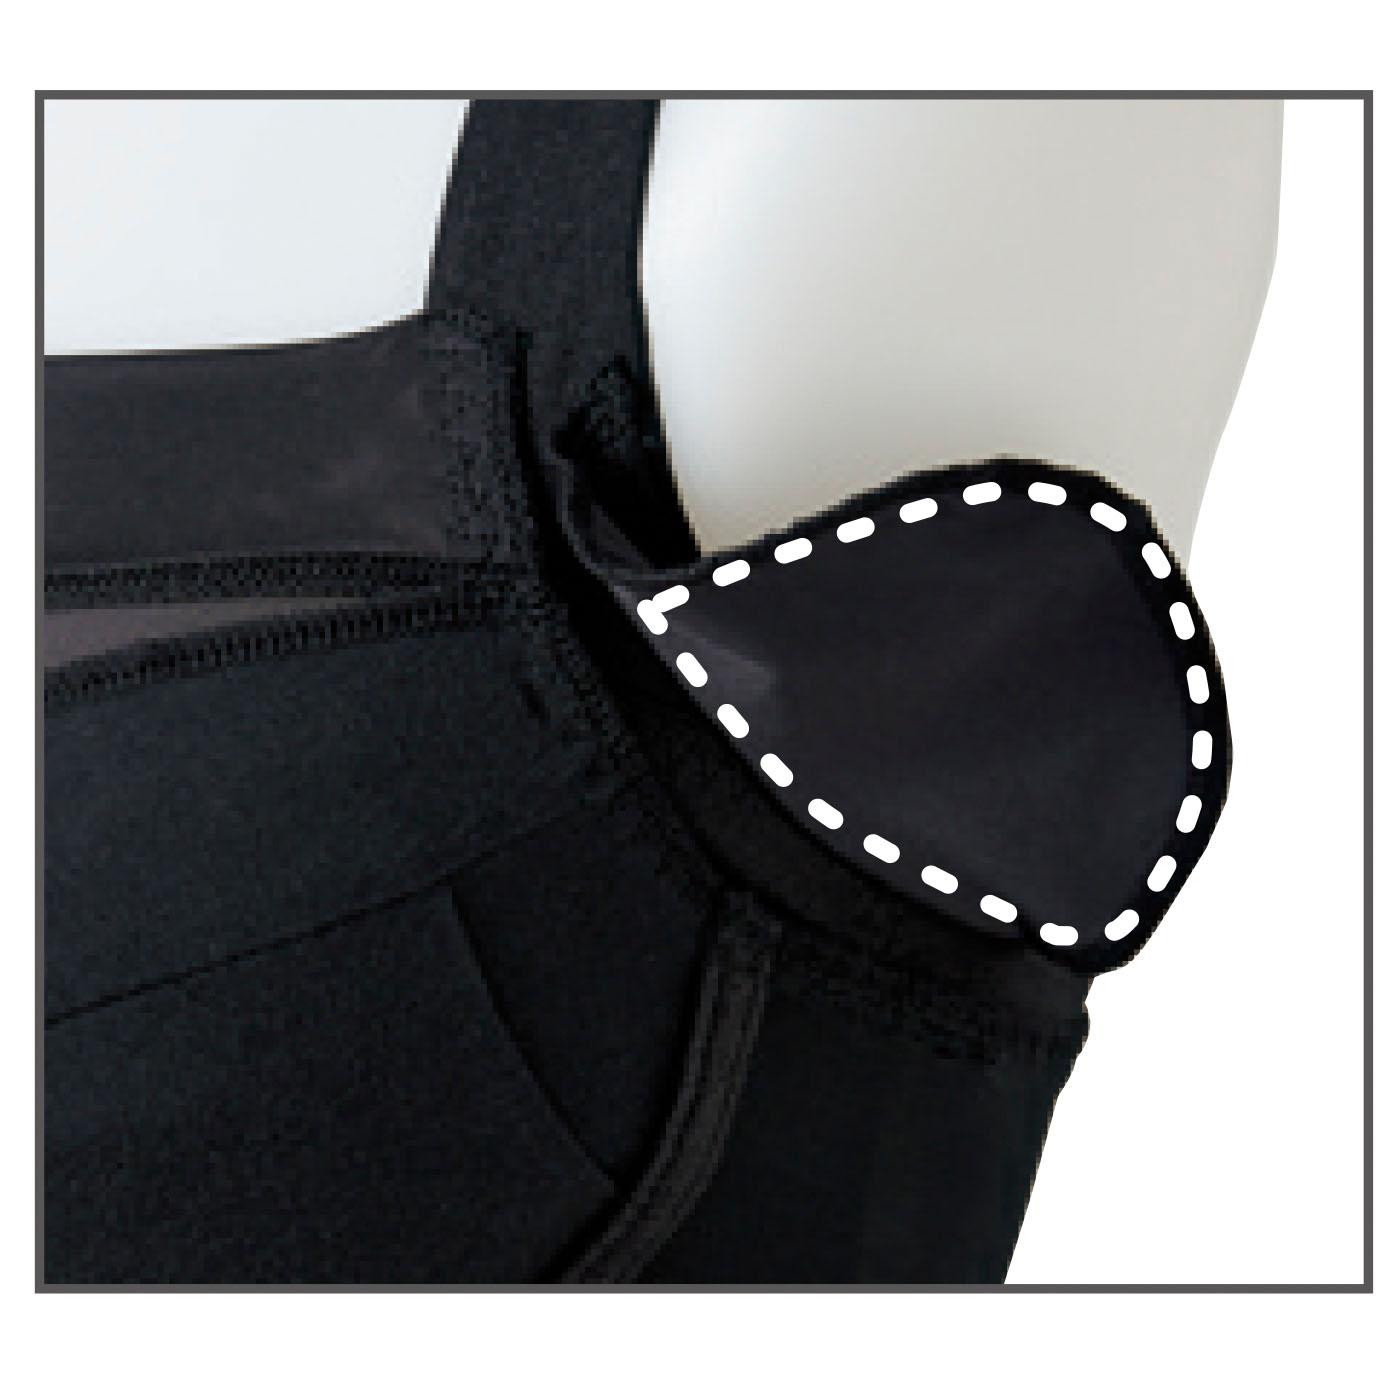 出し入れ可能なわきパッド付きでわき汗対策もばっちり。